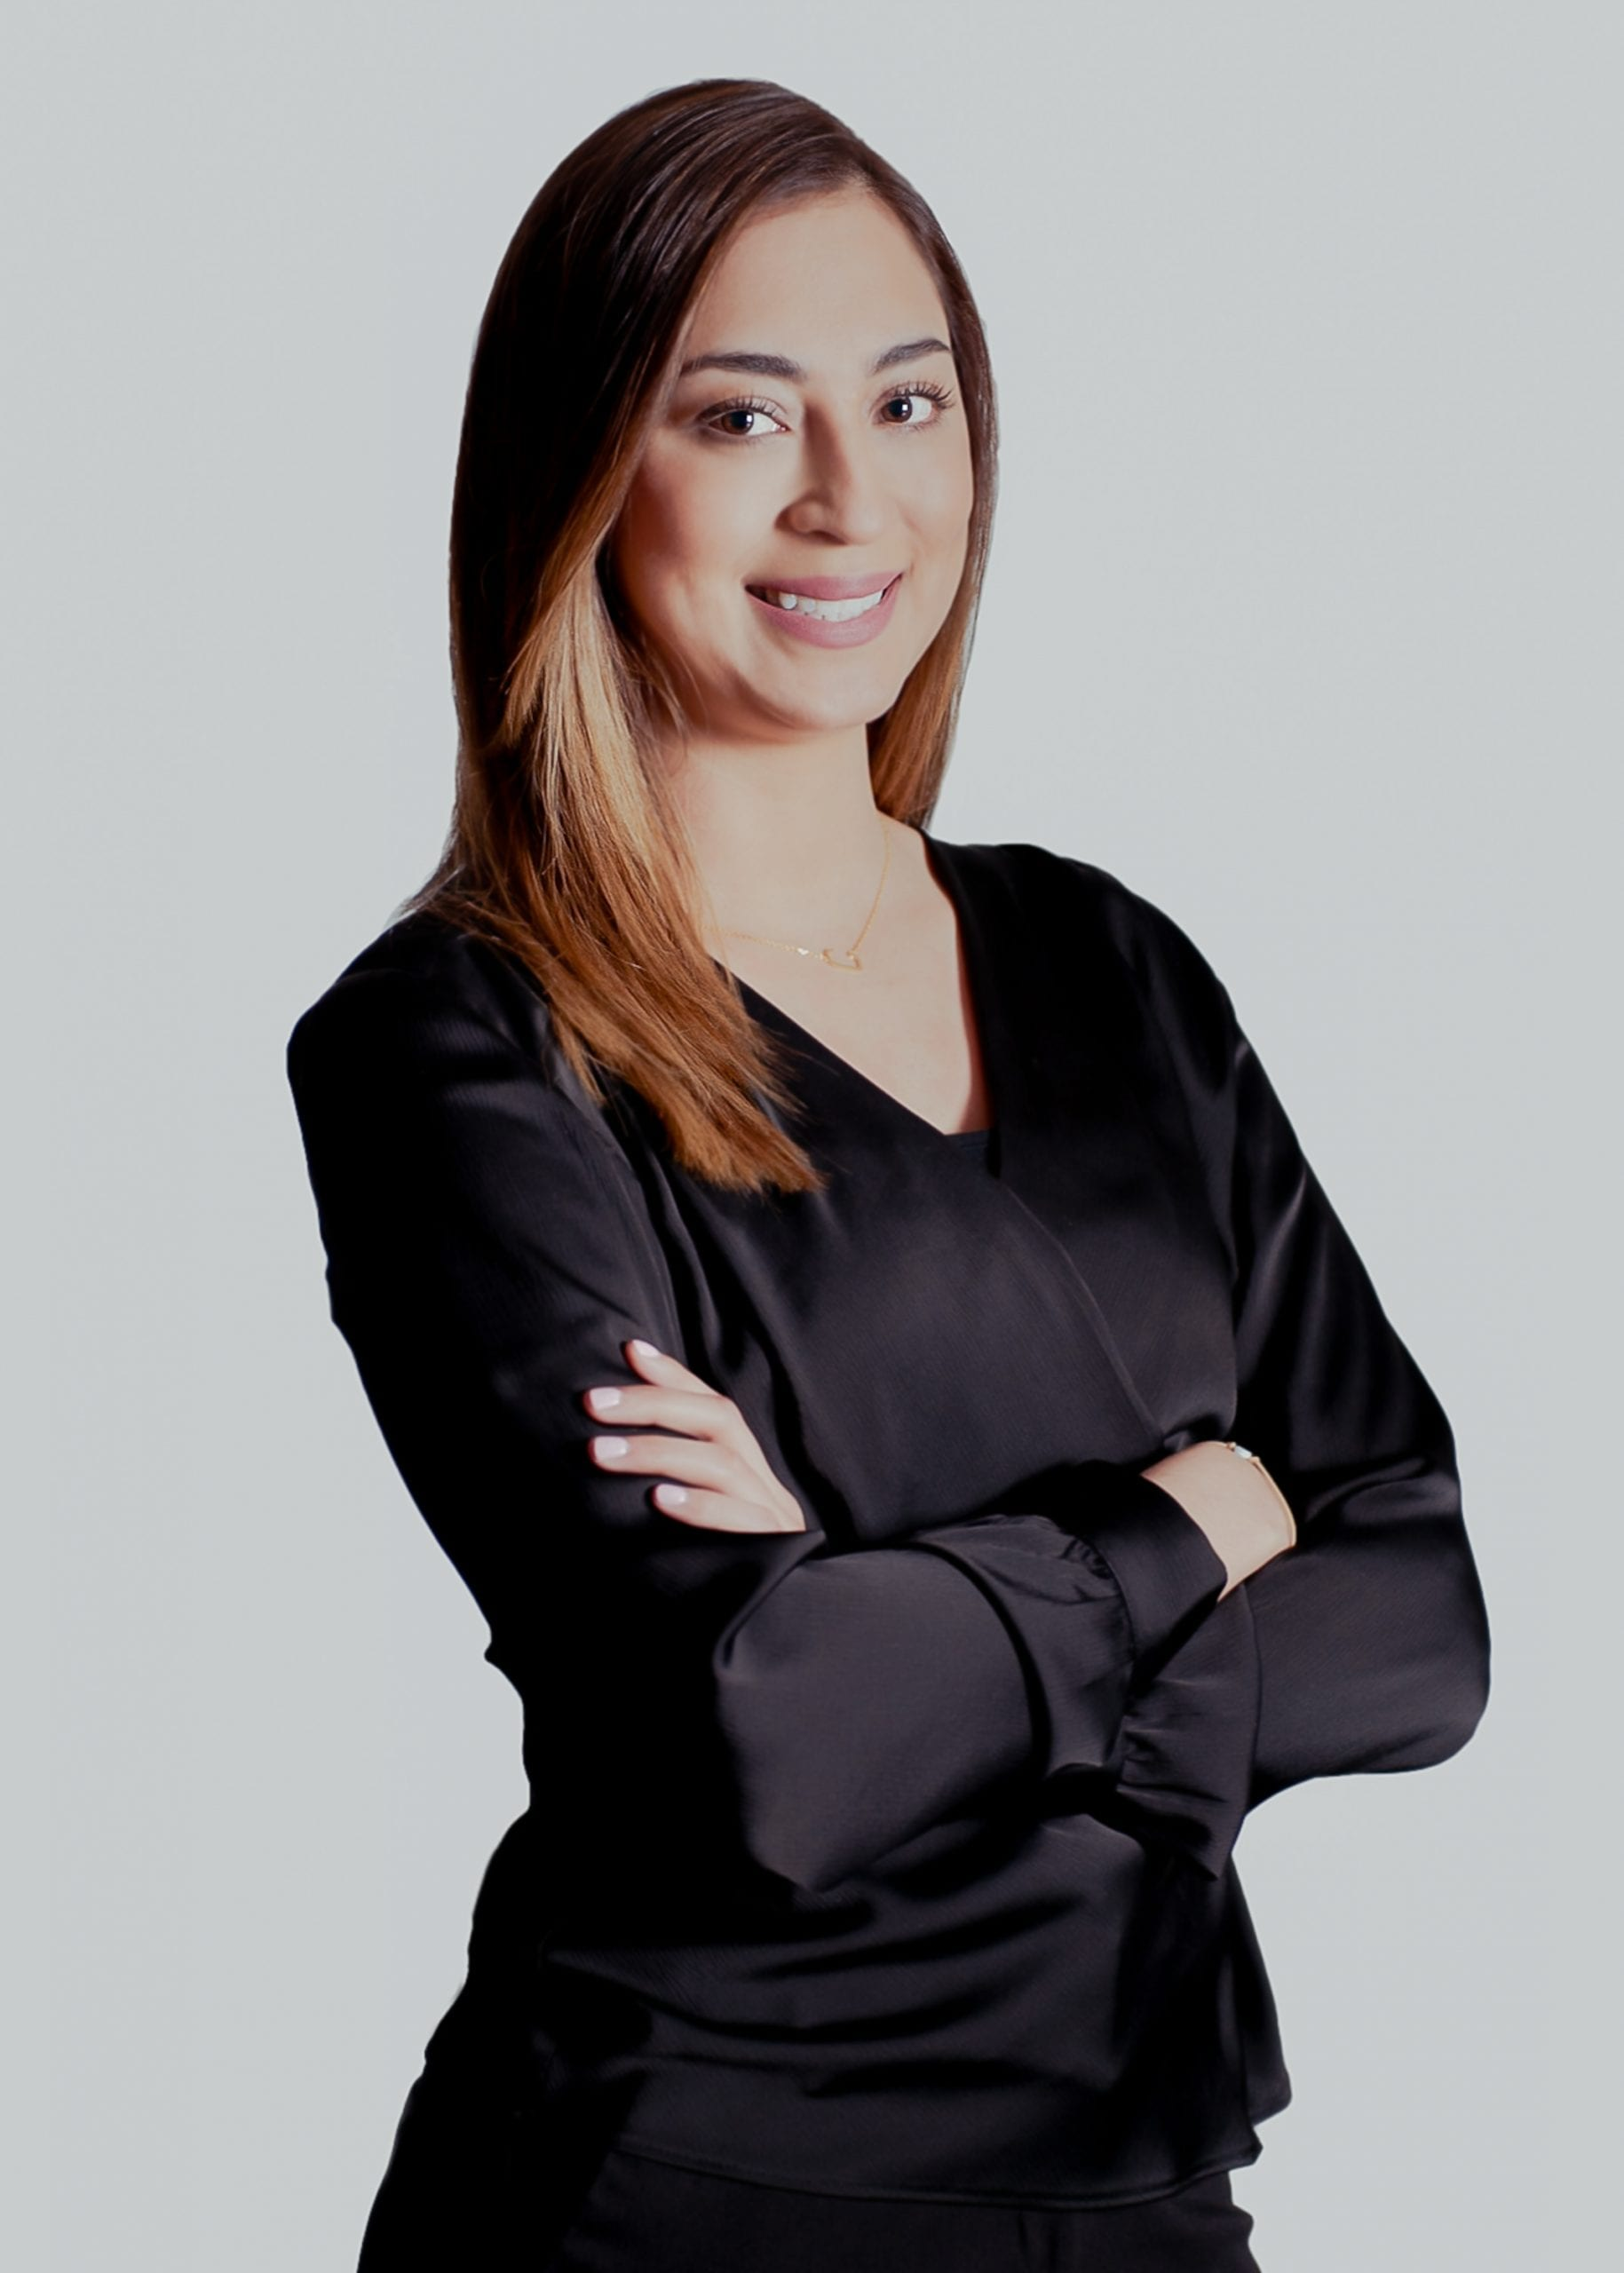 Crystal Chapa